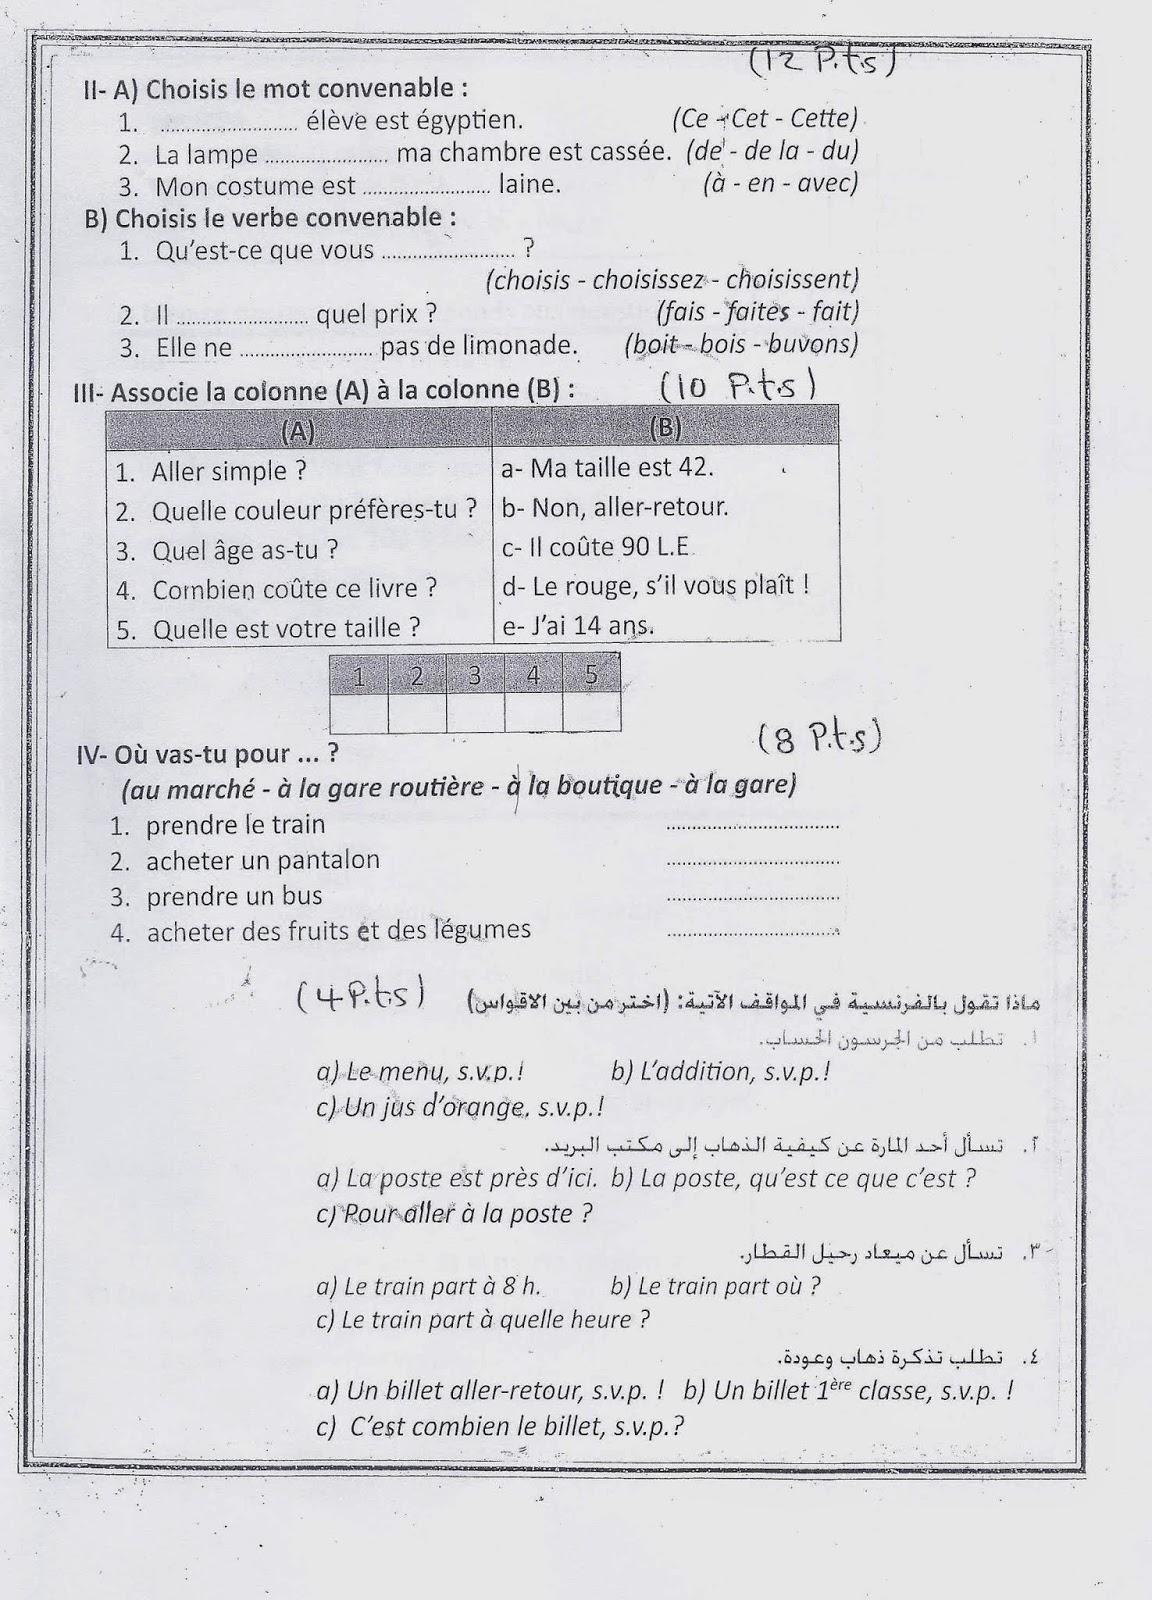 تجميع كل امتحانات اللغة الفرنسية للصفوف الابتدائية والاعدادية (مدارس اللغات والتجريبية) الترم الثانى 2015 - صفحة 2 Scan0048